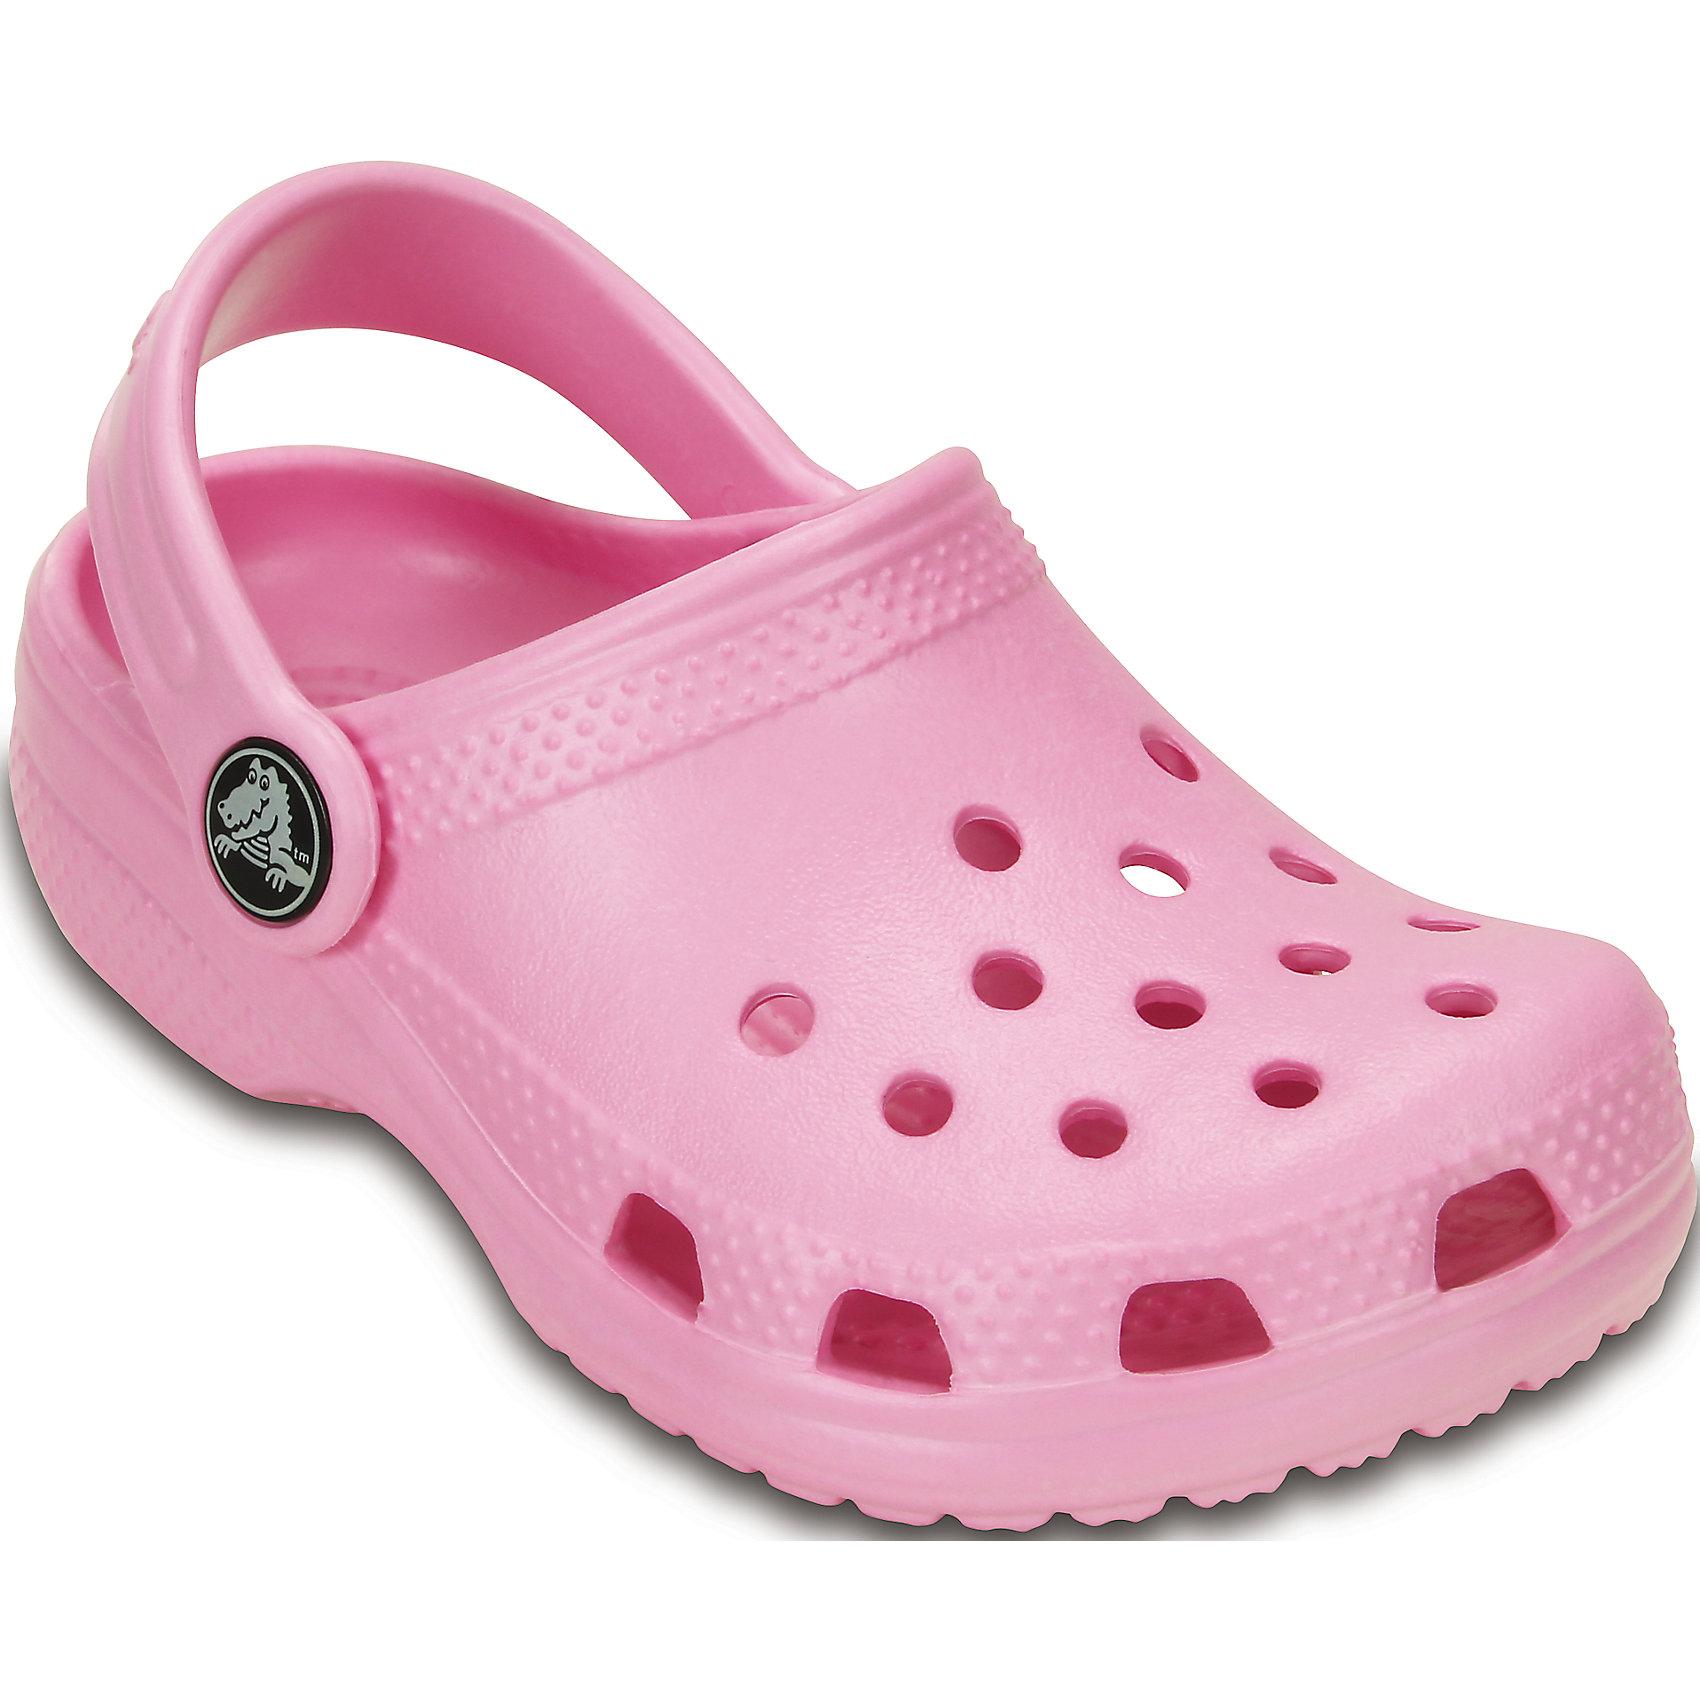 Сабо Kids Classic CrocsПляжная обувь<br>Характеристики товара:<br><br>• цвет: розовый<br>• материал: 100% полимер Croslite™<br>• под воздействием температуры тела принимают форму стопы<br>• полностью литая модель<br>• вентиляционные отверстия<br>• бактериостатичный материал<br>• пяточный ремешок фиксирует стопу<br>• толстая устойчивая подошва<br>• отверстия для использования украшений<br>• анатомическая стелька с массажными точками стимулирует кровообращение<br>• страна бренда: США<br>• страна изготовитель: Китай<br><br>Для правильного развития ребенка крайне важно, чтобы обувь была удобной. Такие сабо обеспечивают детям необходимый комфорт, а анатомическая стелька с массажными линиями для стимуляции кровообращения позволяет ножкам дольше не уставать. Сабо легко надеваются и снимаются, отлично сидят на ноге. Материал, из которого они сделаны, не дает размножаться бактериям, поэтому такая обувь препятствует образованию неприятного запаха и появлению болезней стоп. <br>Обувь от американского бренда Crocs в данный момент завоевала широкую популярность во всем мире, и это не удивительно - ведь она невероятно удобна. Её носят врачи, спортсмены, звёзды шоу-бизнеса, люди, которым много времени приходится бывать на ногах - они понимают, как важна комфортная обувь. Продукция Crocs - это качественные товары, созданные с применением новейших технологий. Обувь отличается стильным дизайном и продуманной конструкцией. Изделие производится из качественных и проверенных материалов, которые безопасны для детей.<br><br>Сабо Kids Classic от торговой марки Crocs можно купить в нашем интернет-магазине.<br><br>Ширина мм: 225<br>Глубина мм: 139<br>Высота мм: 112<br>Вес г: 290<br>Цвет: розовый<br>Возраст от месяцев: 108<br>Возраст до месяцев: 120<br>Пол: Женский<br>Возраст: Детский<br>Размер: 33/34,23/24,35/36,29/30,27/28,34/35,25/26,21/22<br>SKU: 4658504